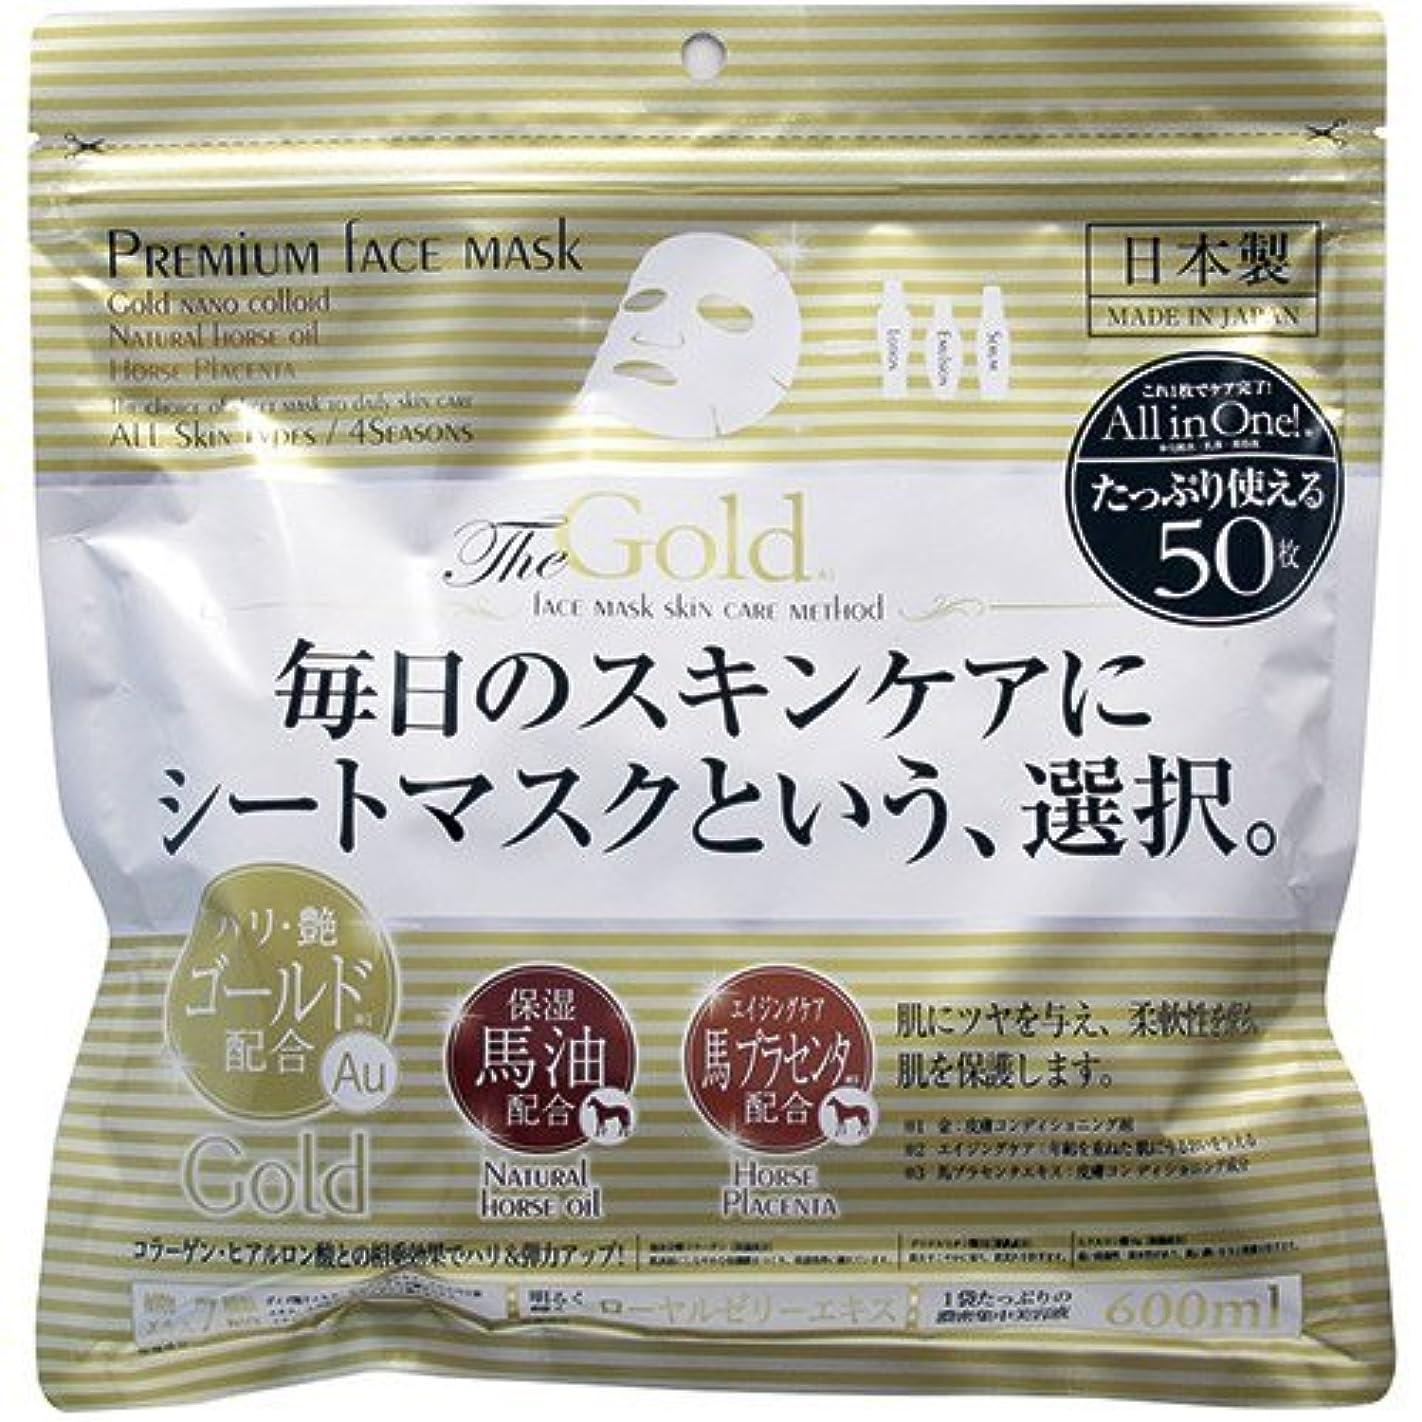 ケーブル宣言する自発的【進製作所】プレミアムフェイスマスク ゴールド 50枚 ×5個セット